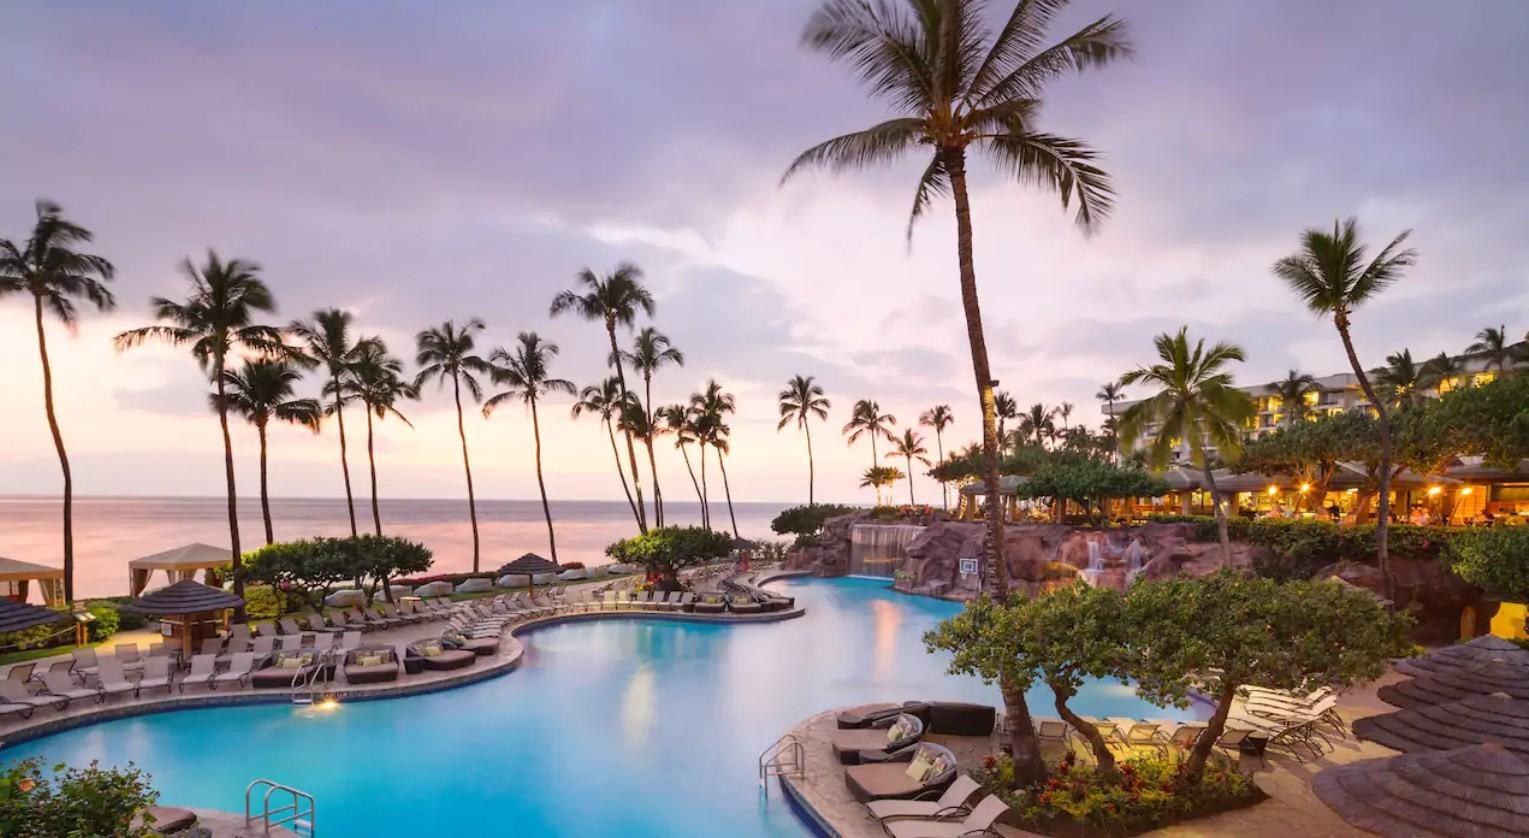 news-main-hyatt-regency-maui-resort-and-spa-completes-multimillion-dollar-renovation.1616583495.jpg